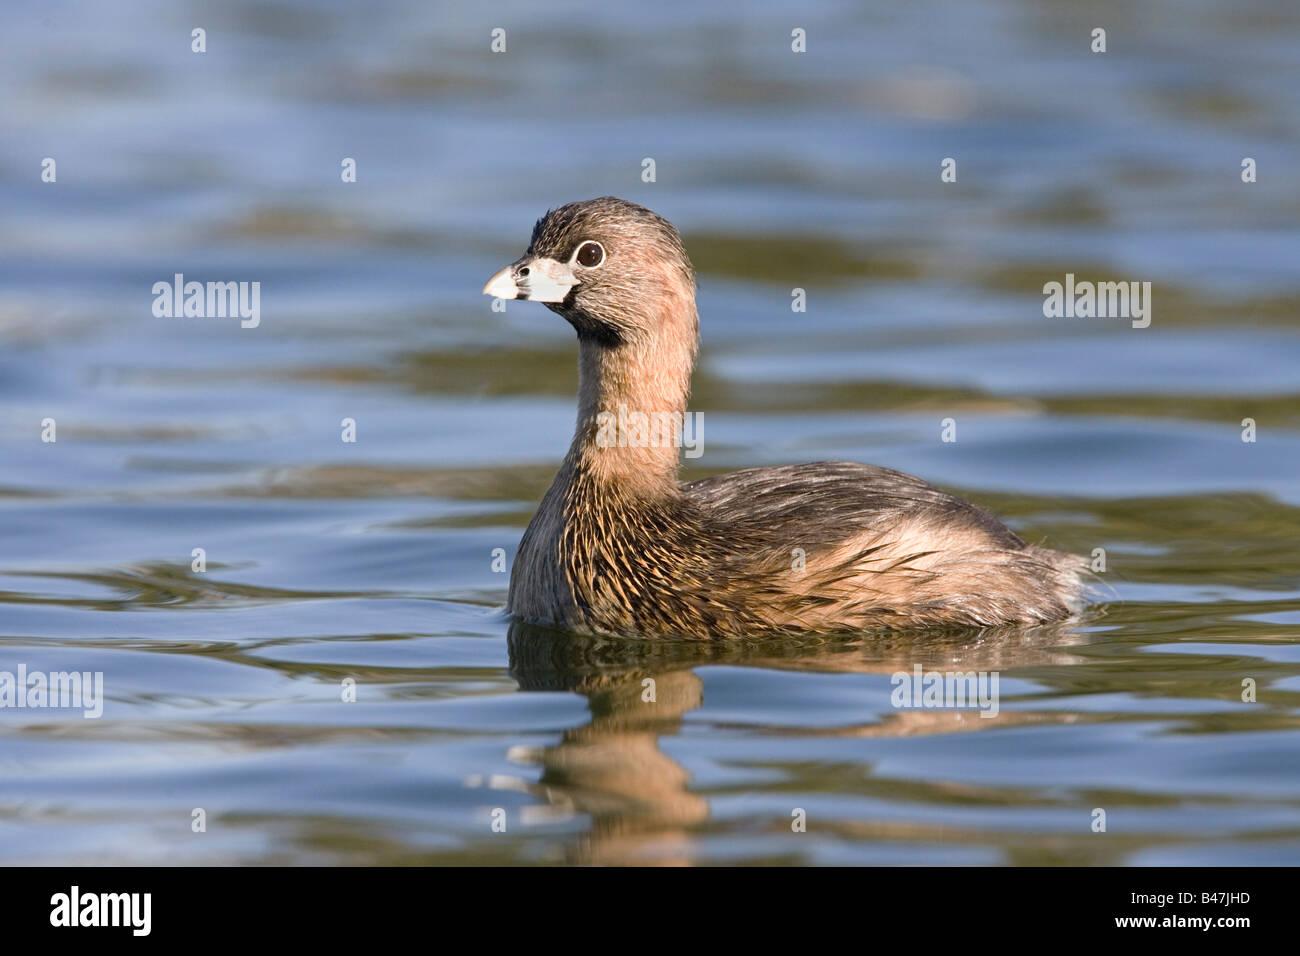 Pied-billed Grebe Podilymbus podiceps - Stock Image